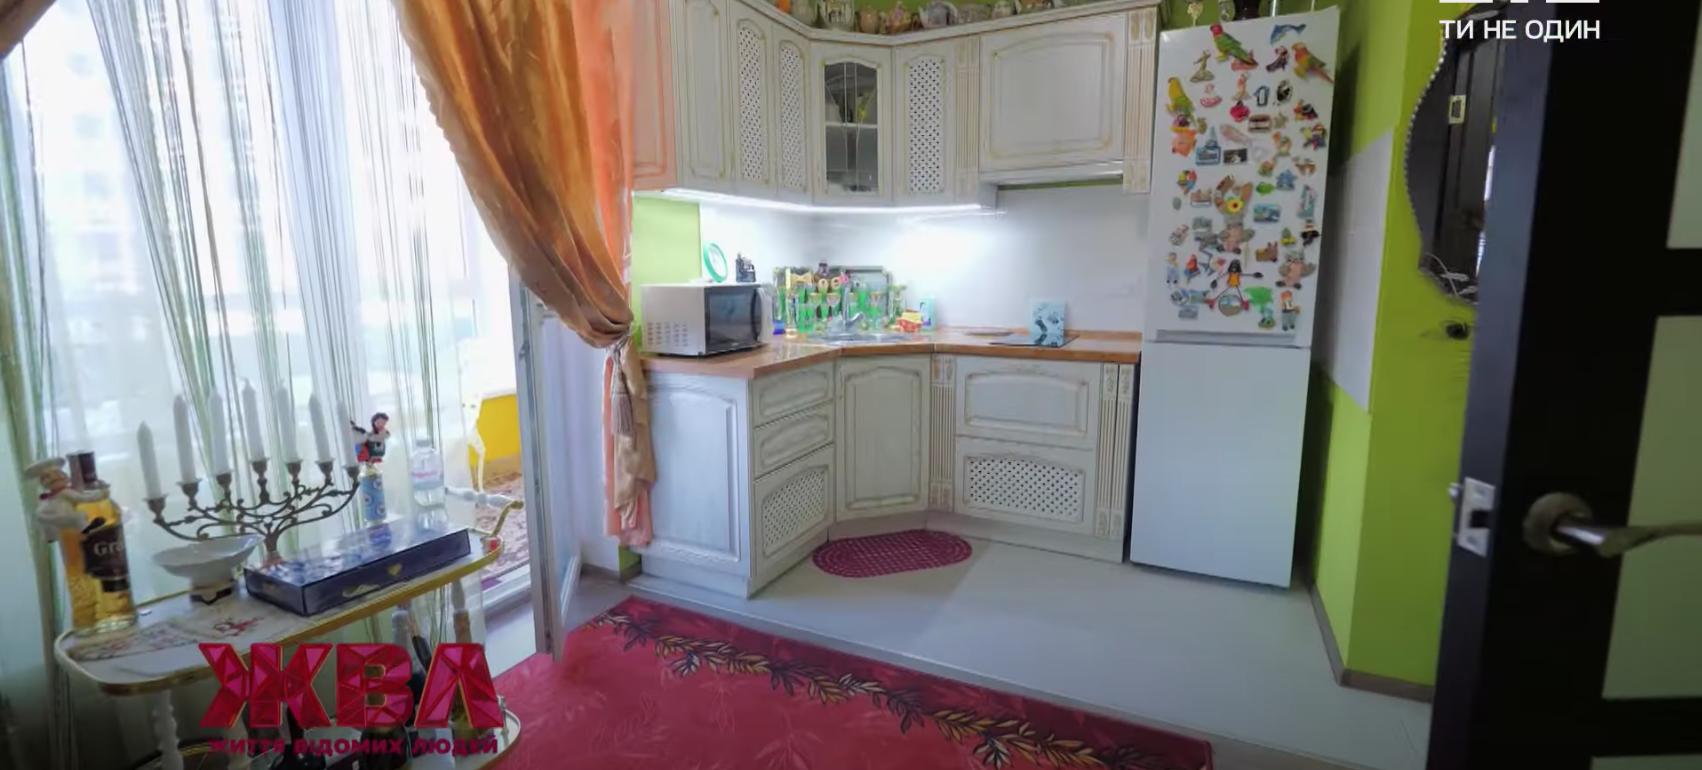 Кухня в квартирі, де мешкає Чапкіс.